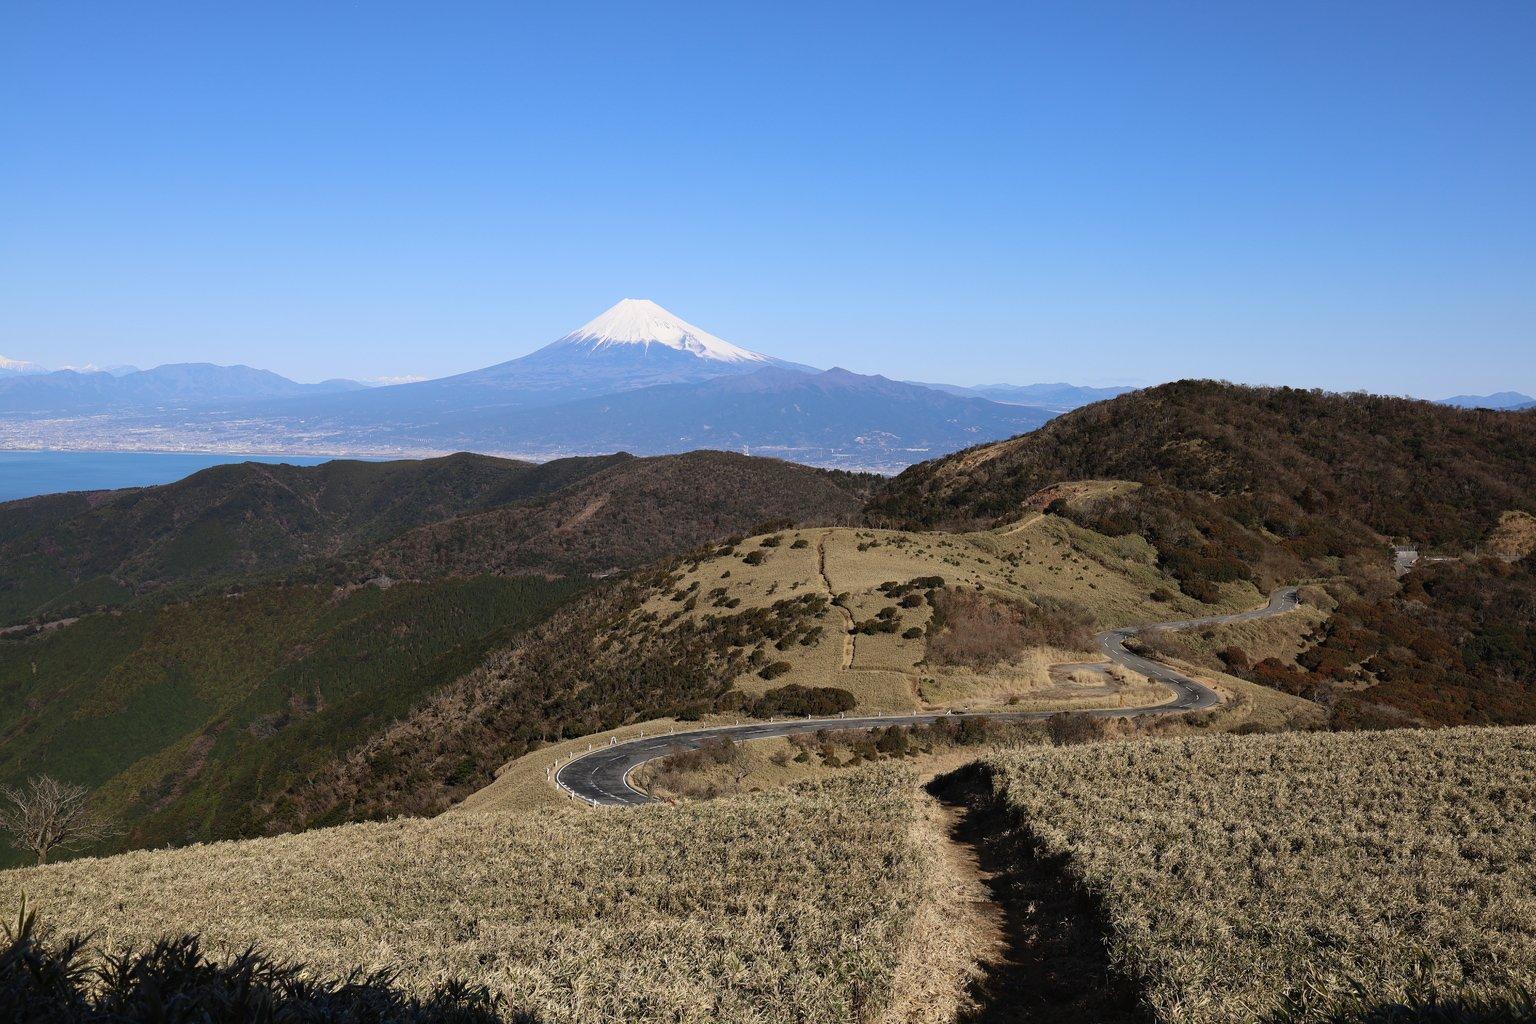 Izu city mount Fuji